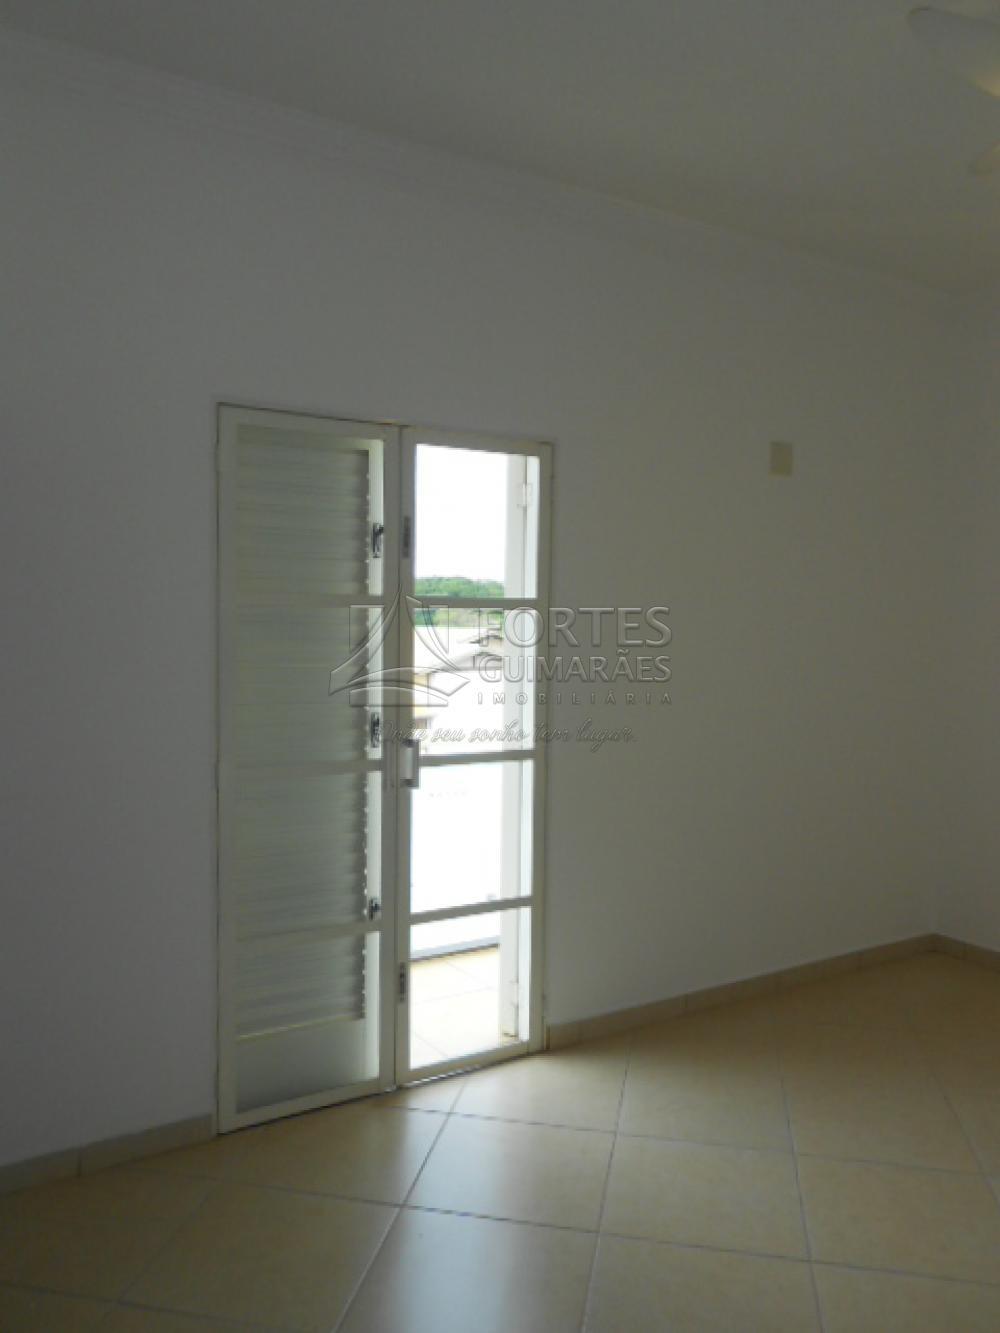 Alugar Casas / Padrão em Ribeirão Preto apenas R$ 3.500,00 - Foto 43